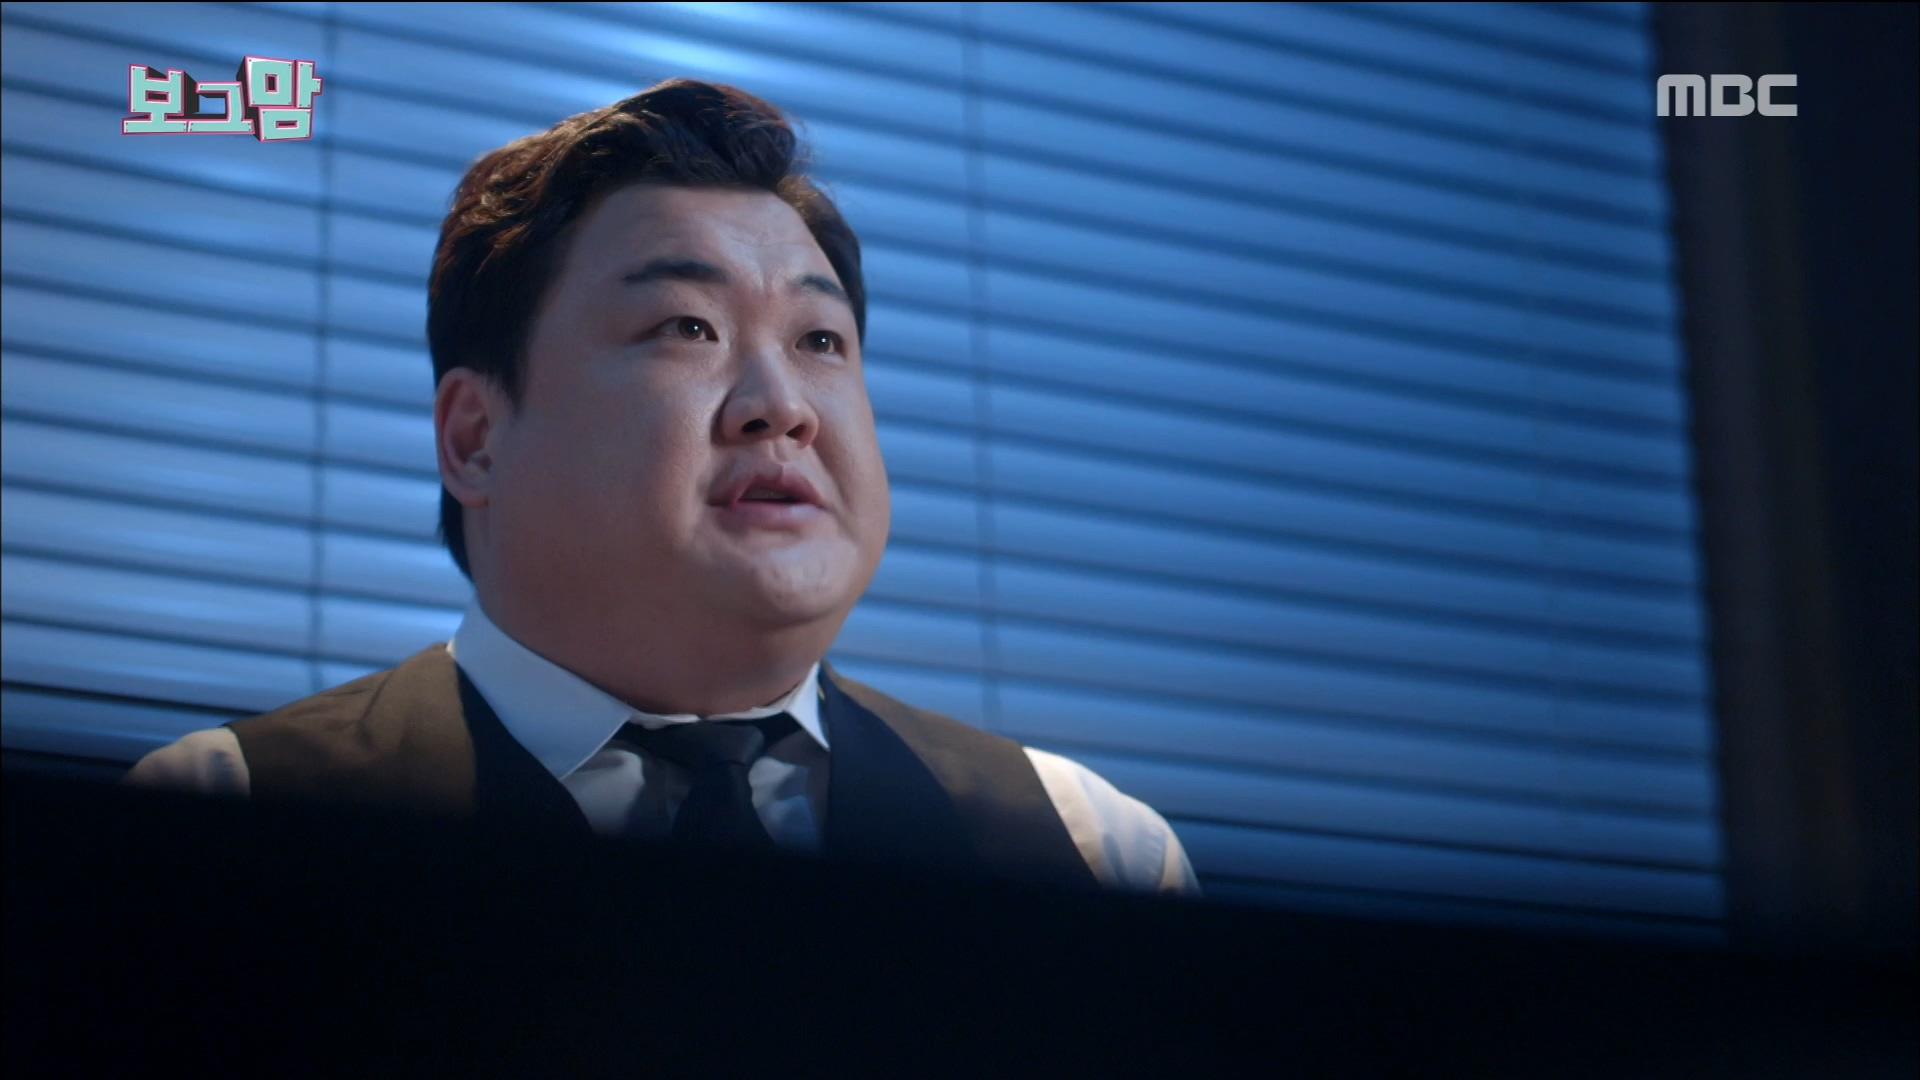 김준현,양동근에 보그맘 폐기 하는게 맞습니다!